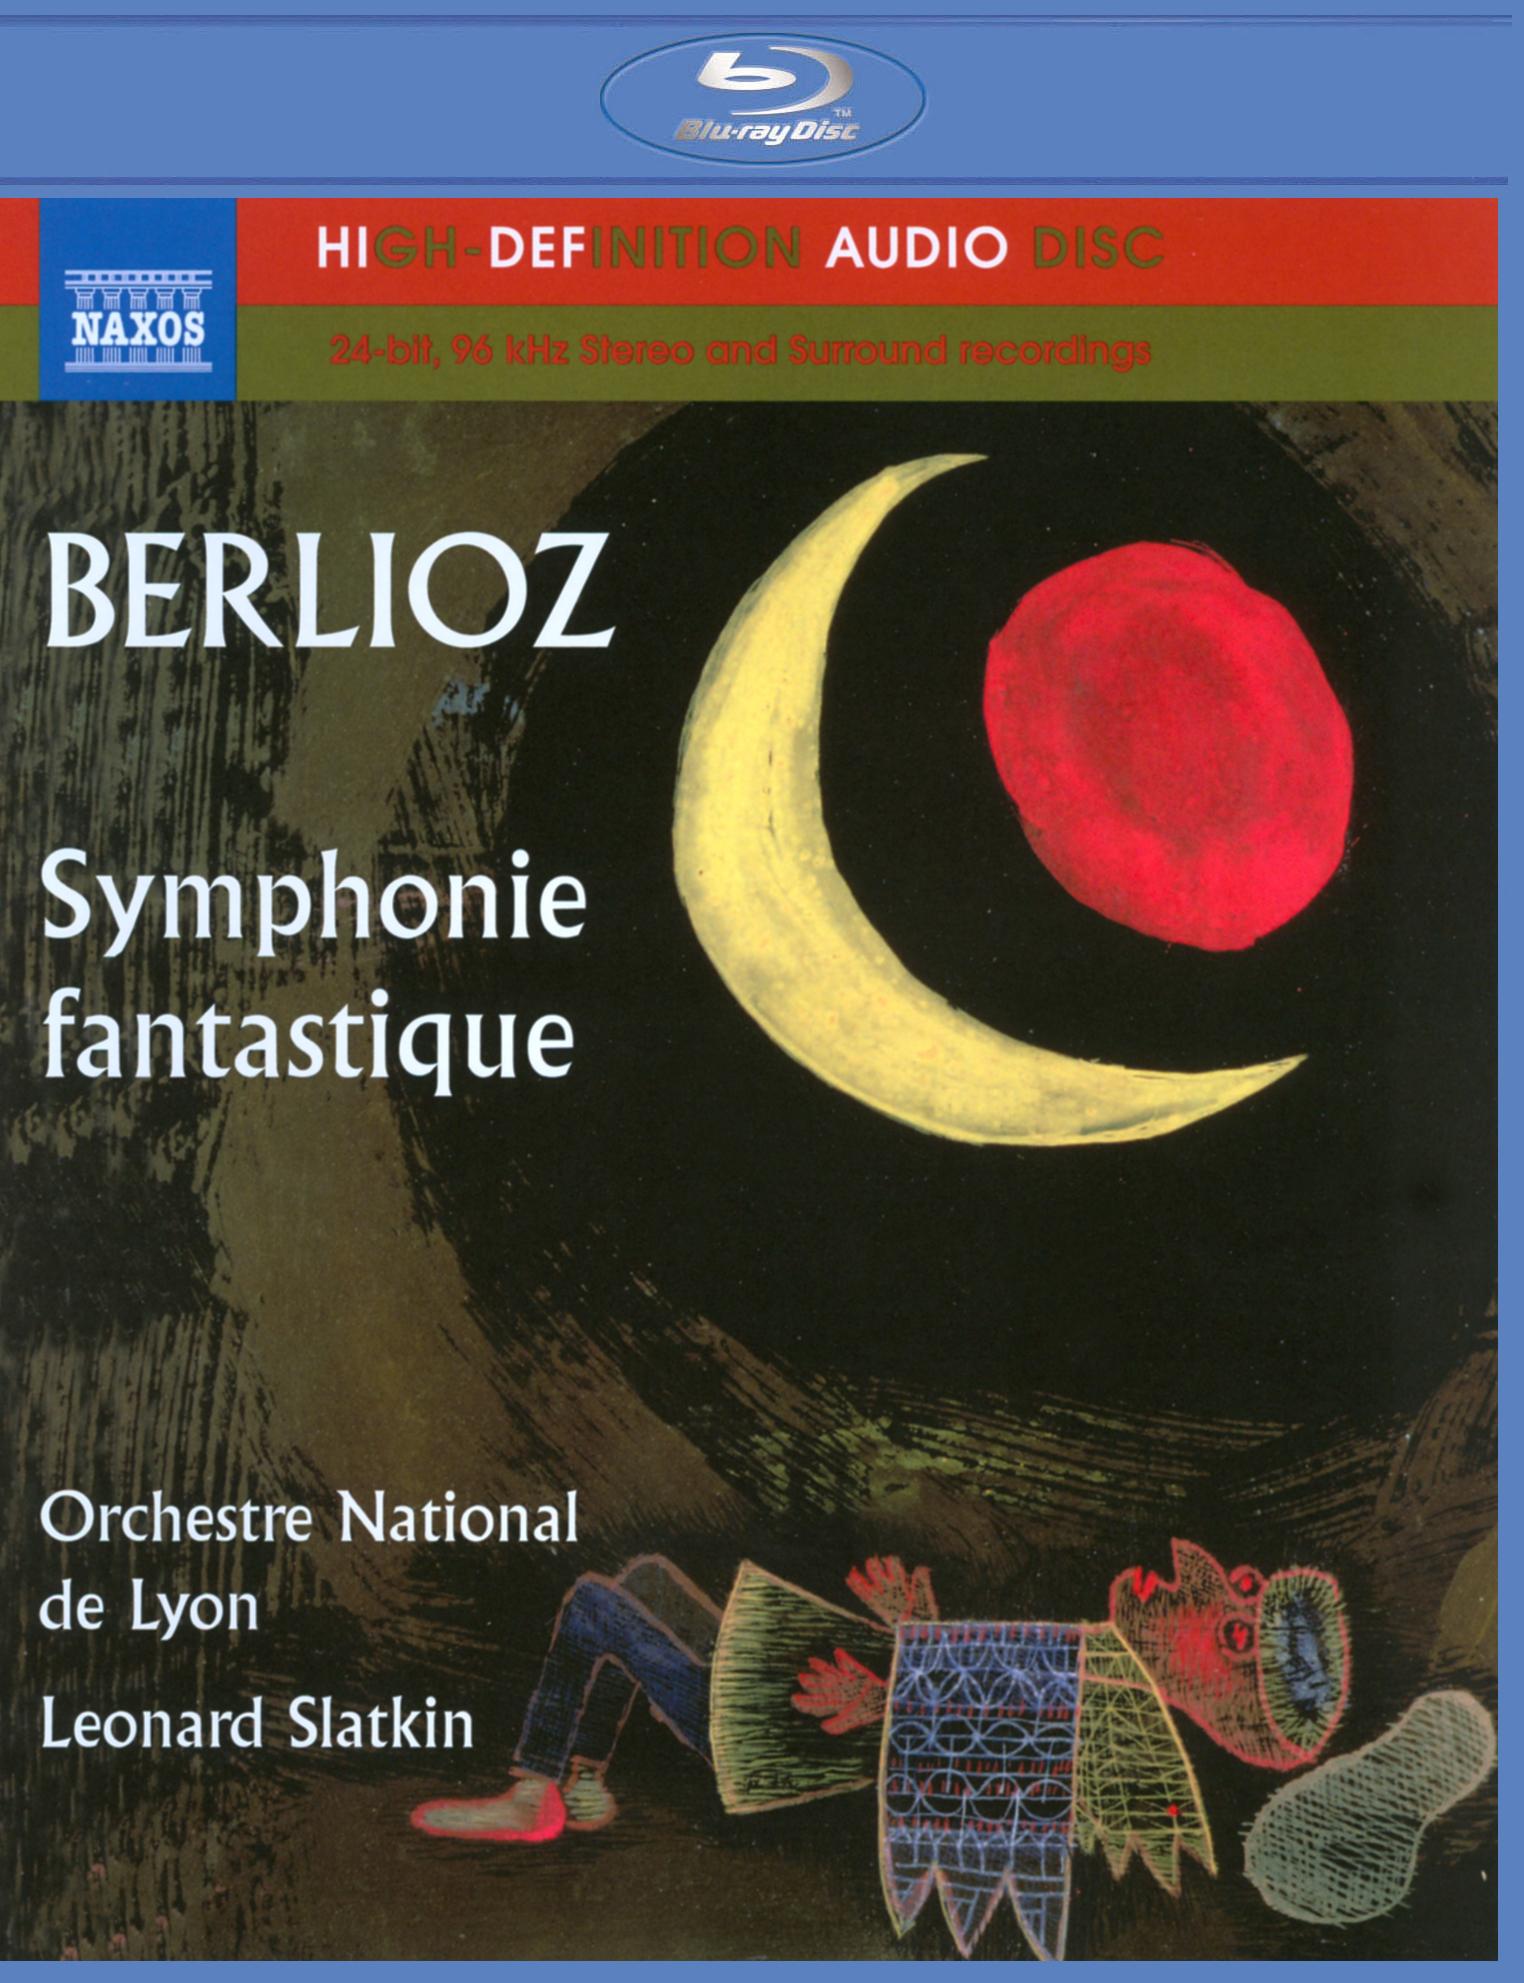 Orchestre National de Lyon: Berlioz - Symphonie fantastique